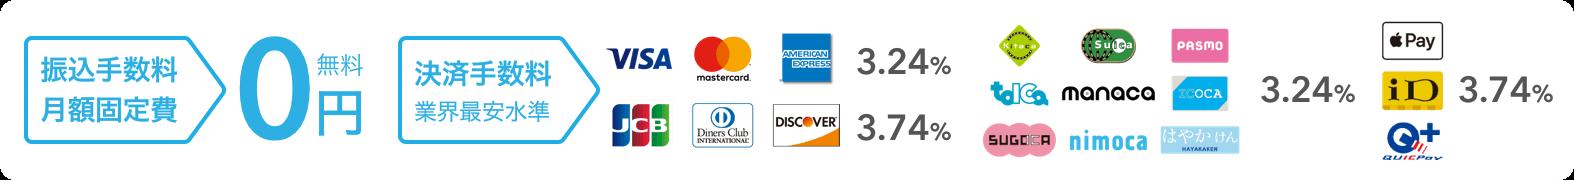 振込手数料,月額固定費0円 決済手数料,業界最安水準 VISA,Mastercard®,American Expressは3.24%、JCB,Diners Club,Discoverは3.74% 交通系電子マネーは3.24% Apple Pay,iD,Quic Payは3.74%